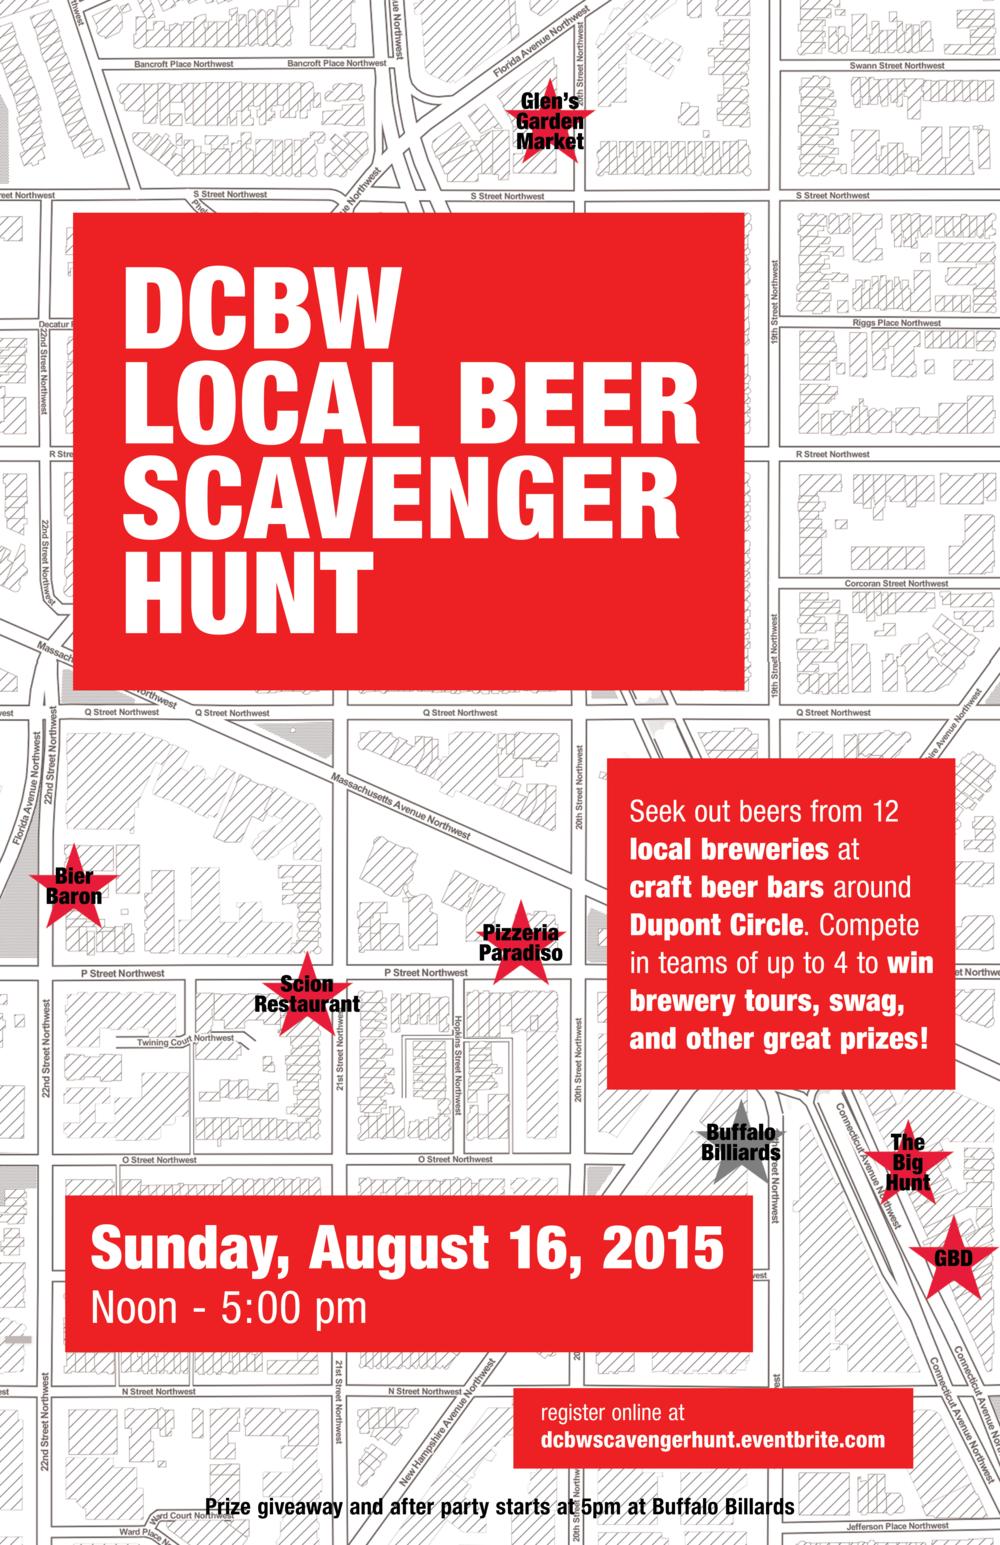 DCBW-Scavenger-Hunt1-0715.png